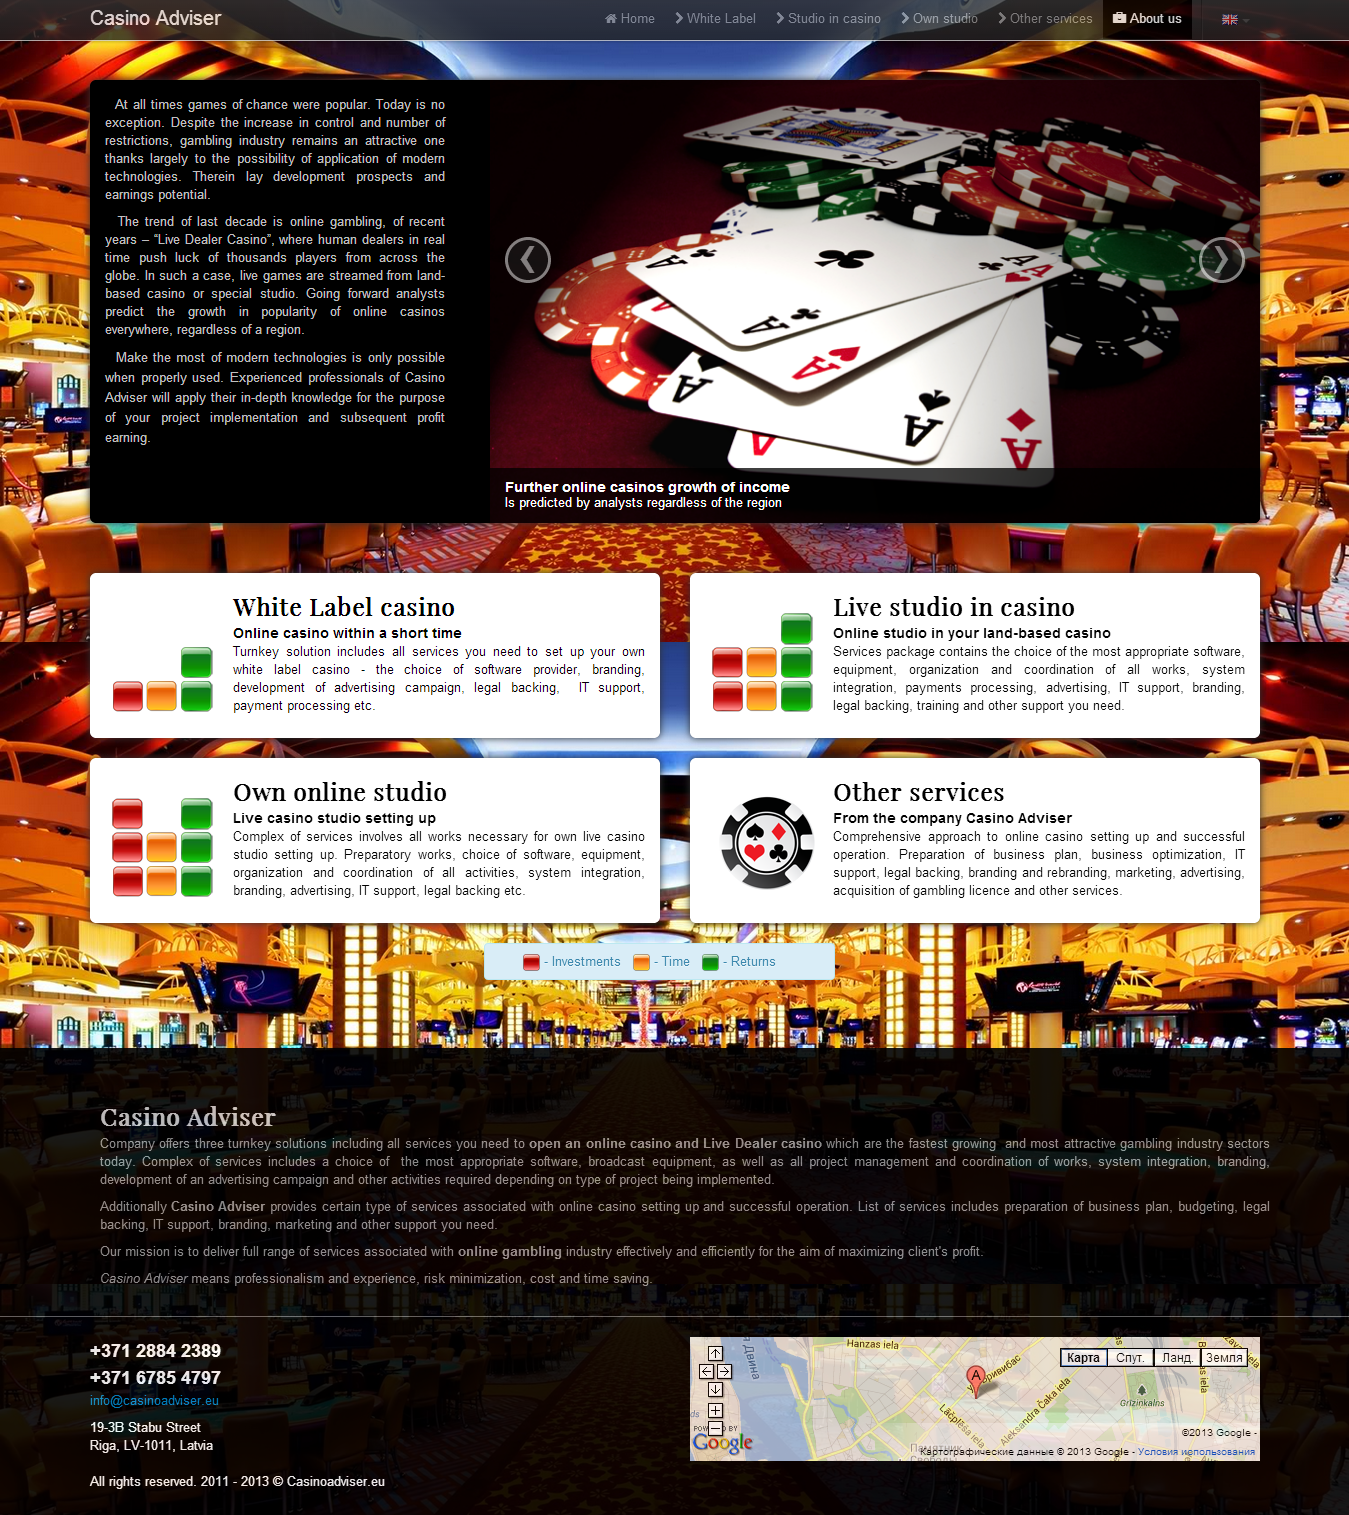 Разработан адаптивный веб-сайт для компании Casino Adviser. Создан веб-дизайн, адаптивность под мобильные и планшетные